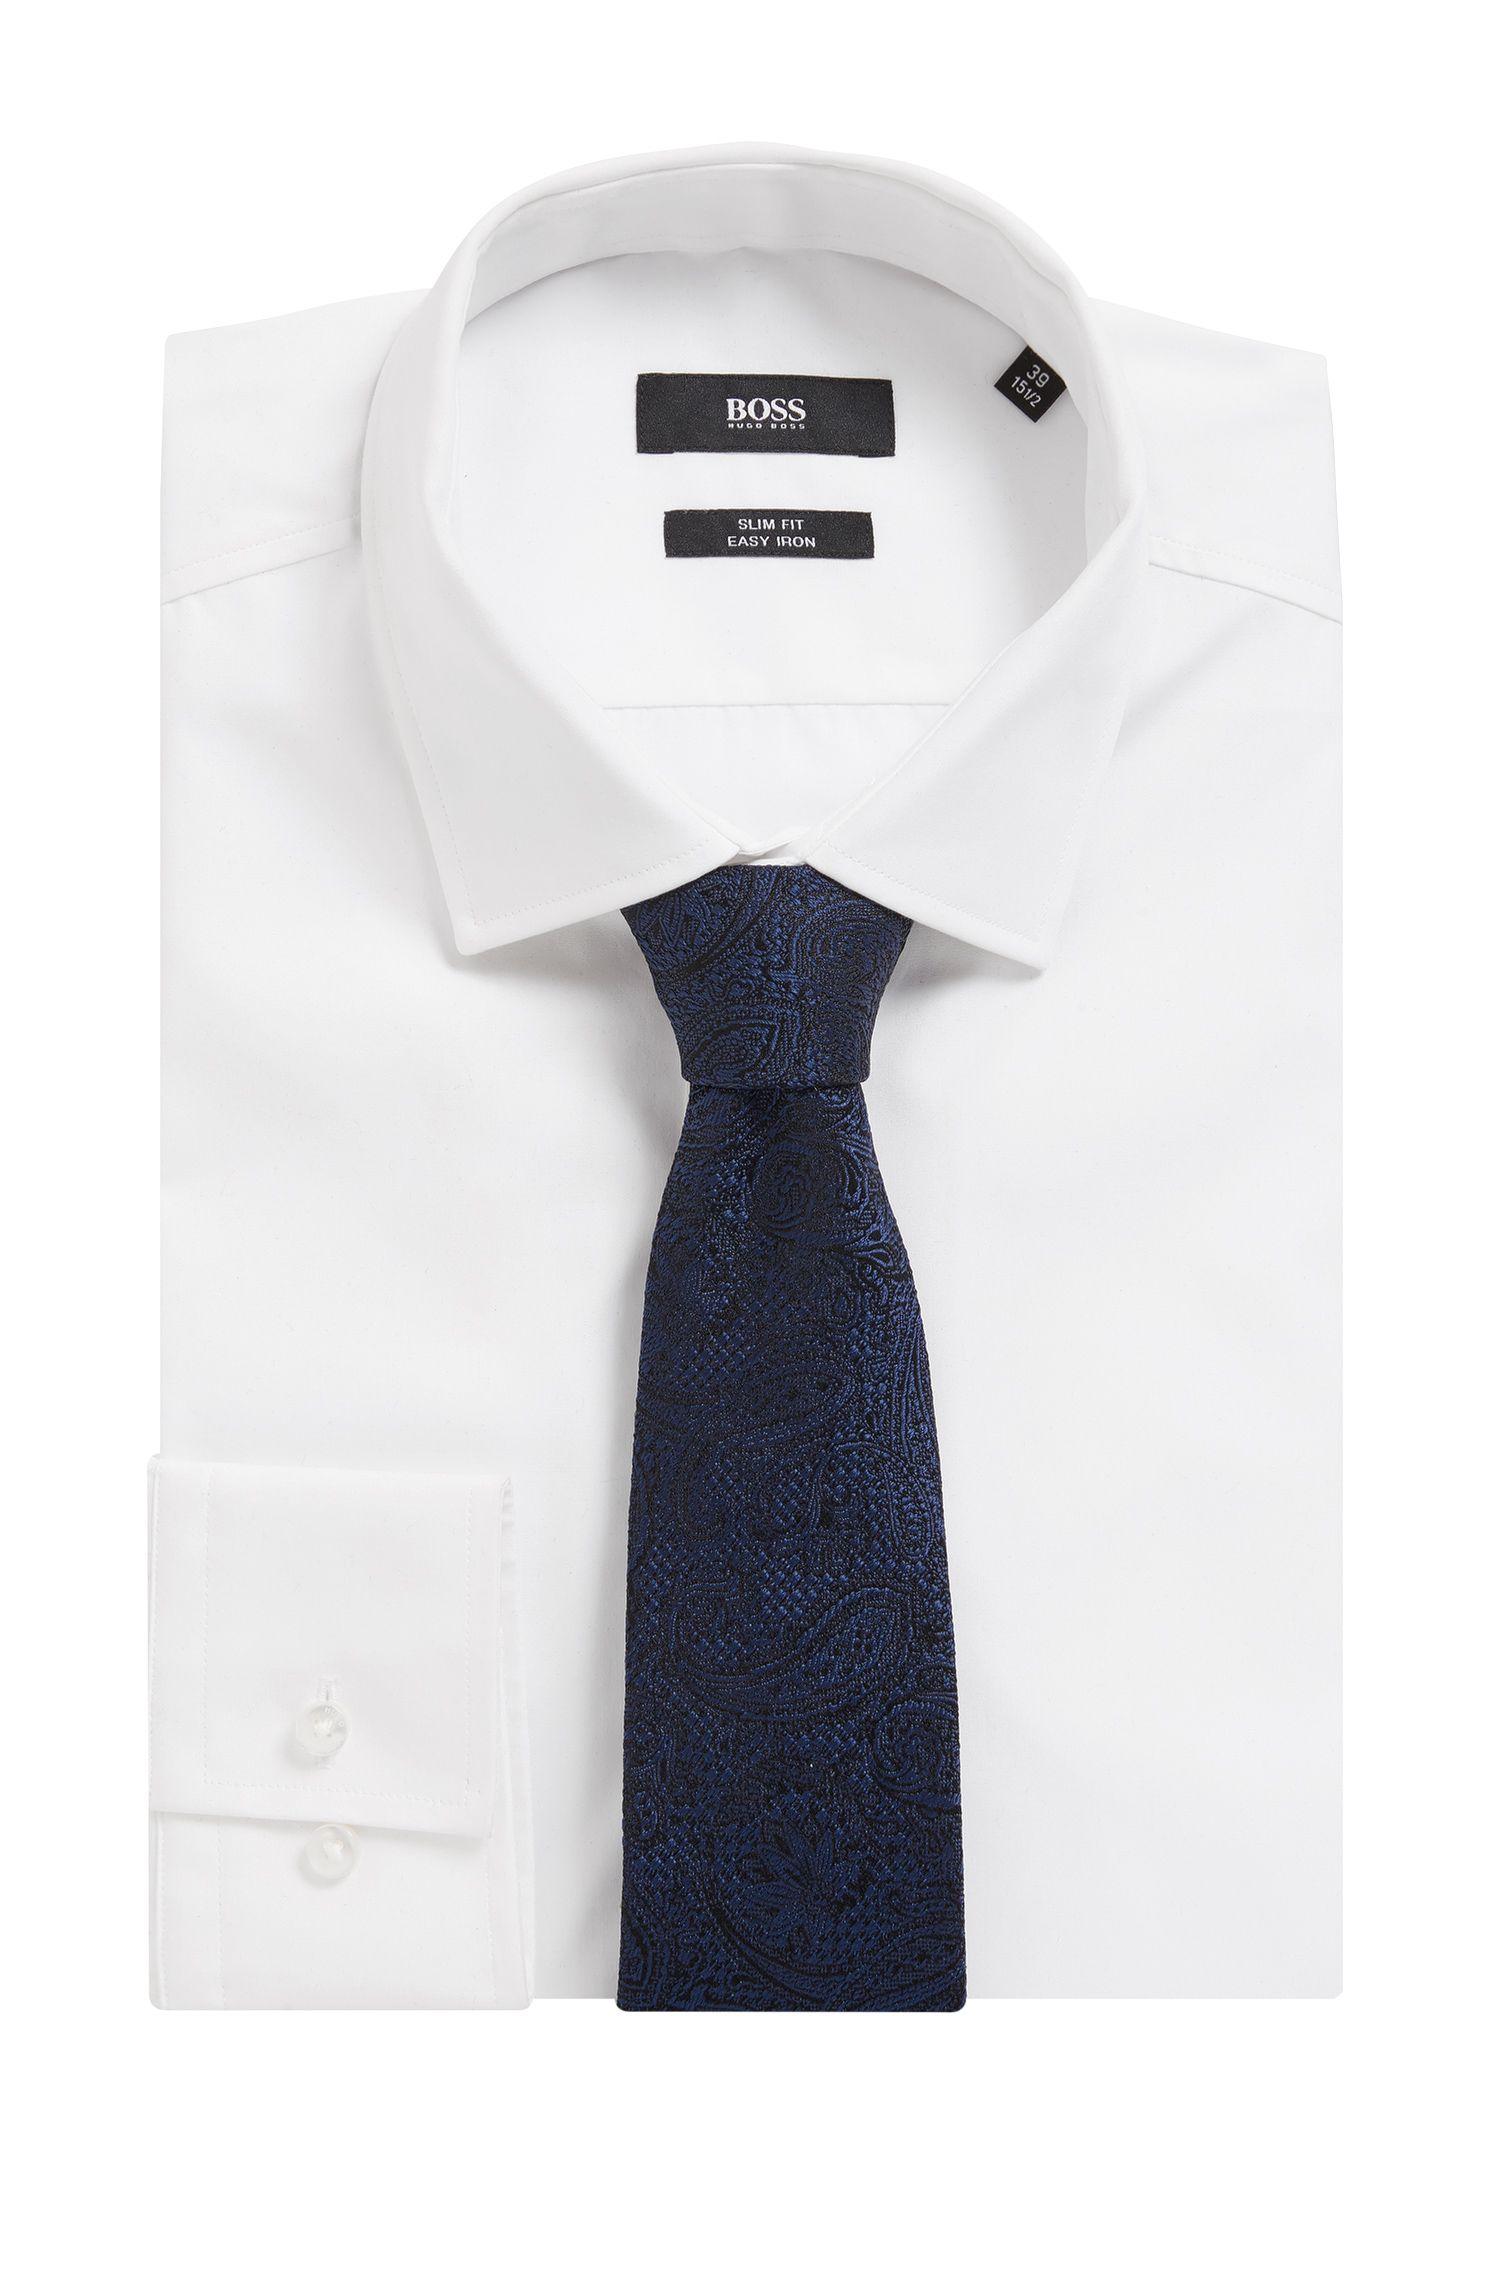 Cravate en soie à motif confectionnée en Italie